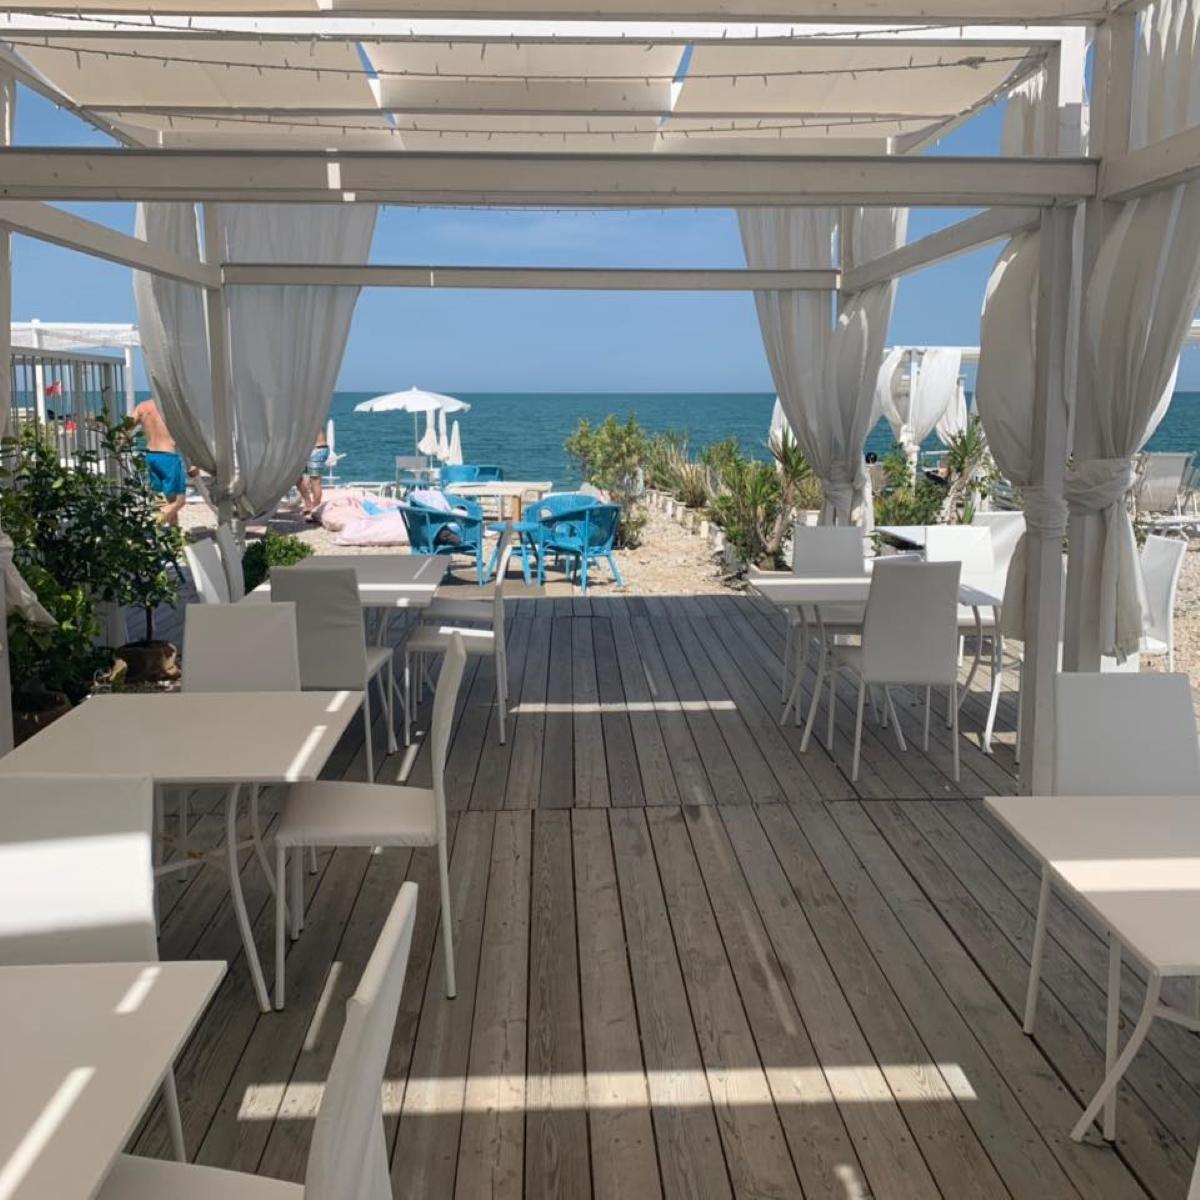 Sunset Beach Club & Resort